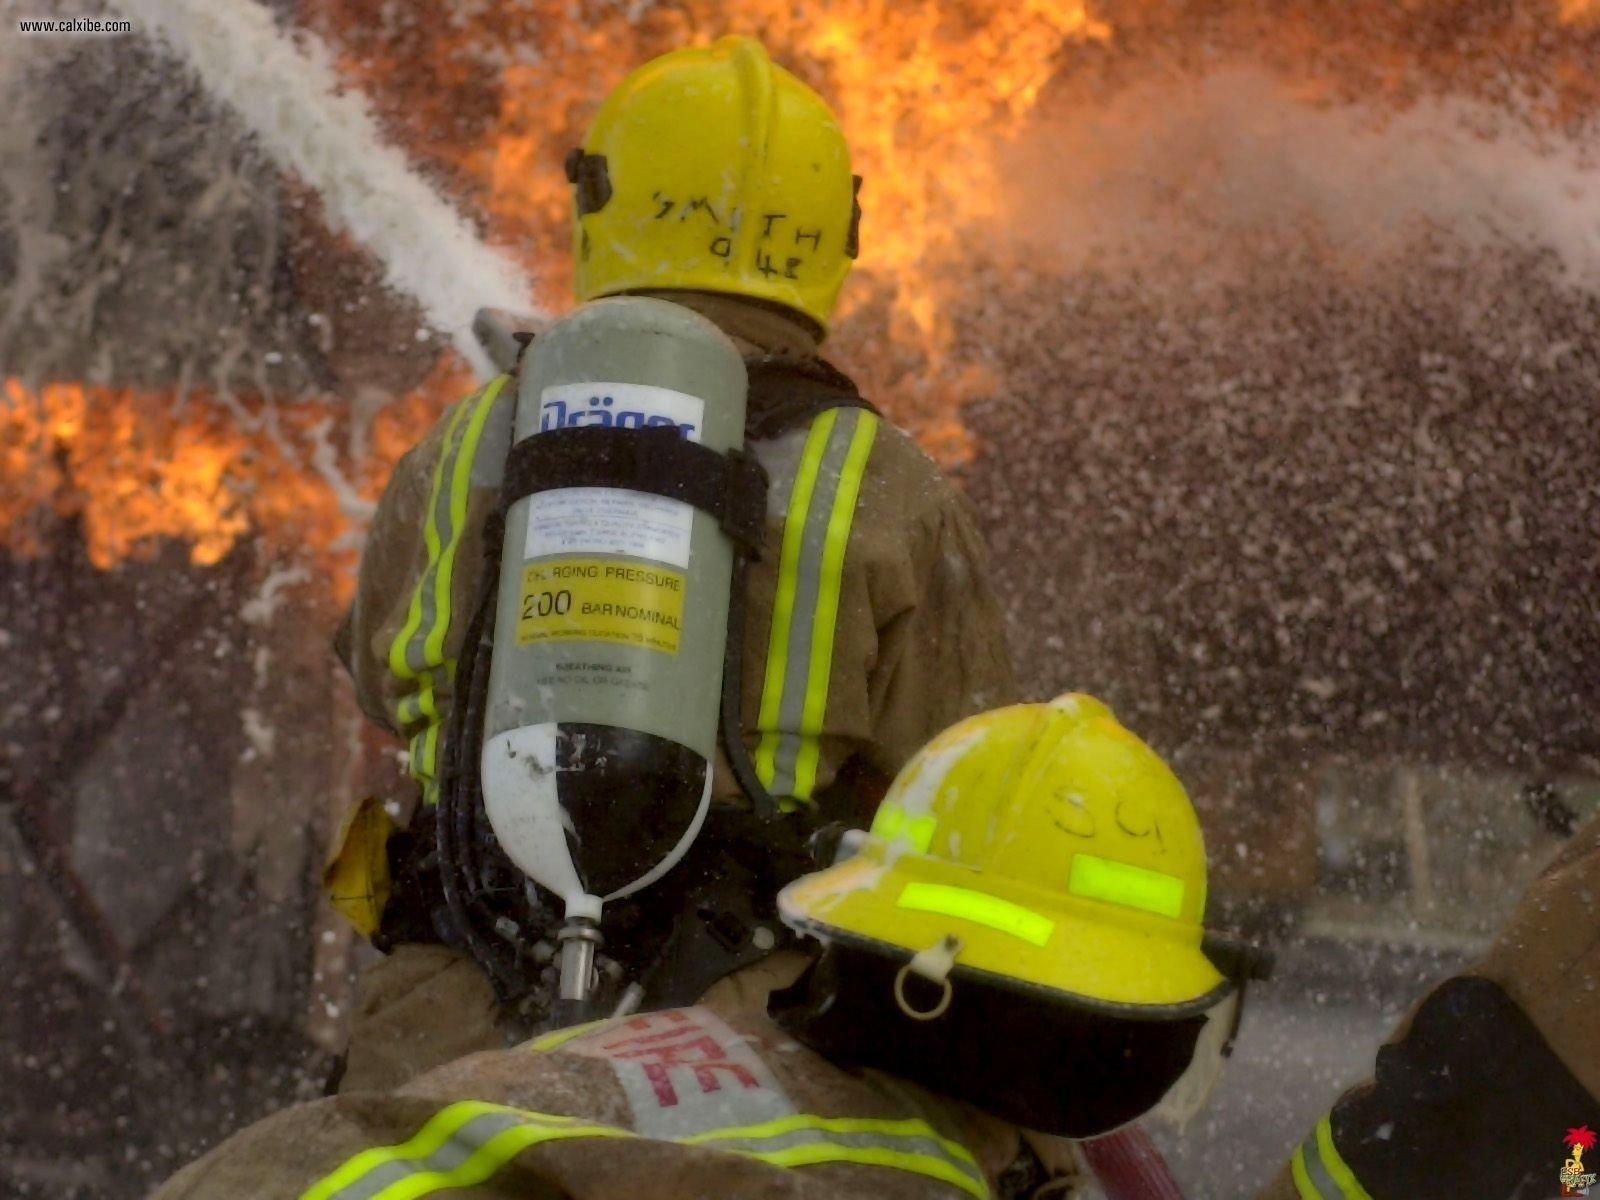 Firefighter Fondo De Pantalla And Fondo De Escritorio